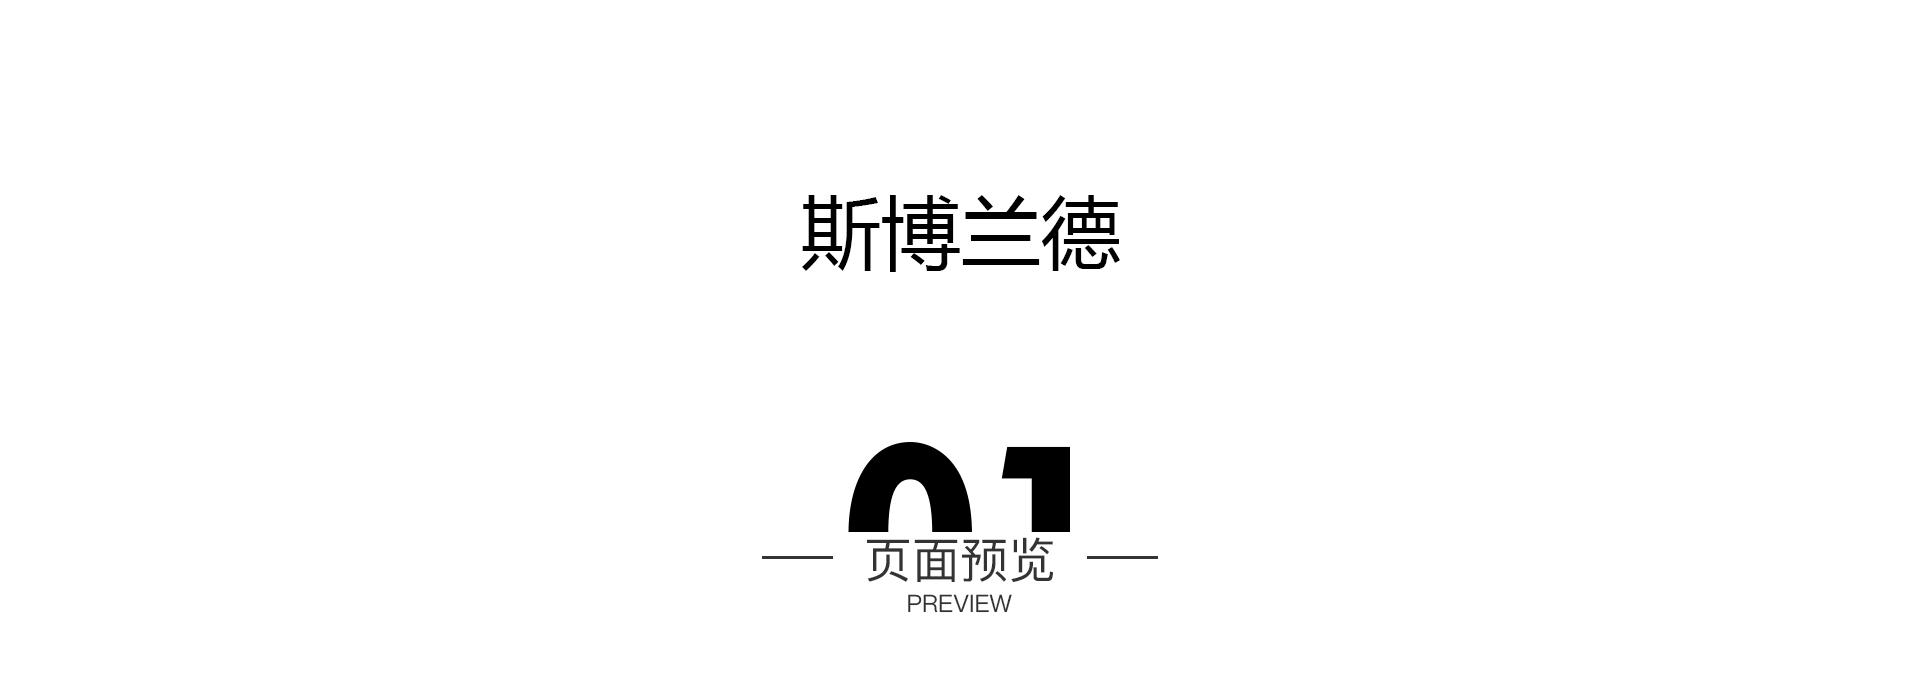 斯博兰德开发案例|系统开发案例-四川华科创达信息技术有限公司